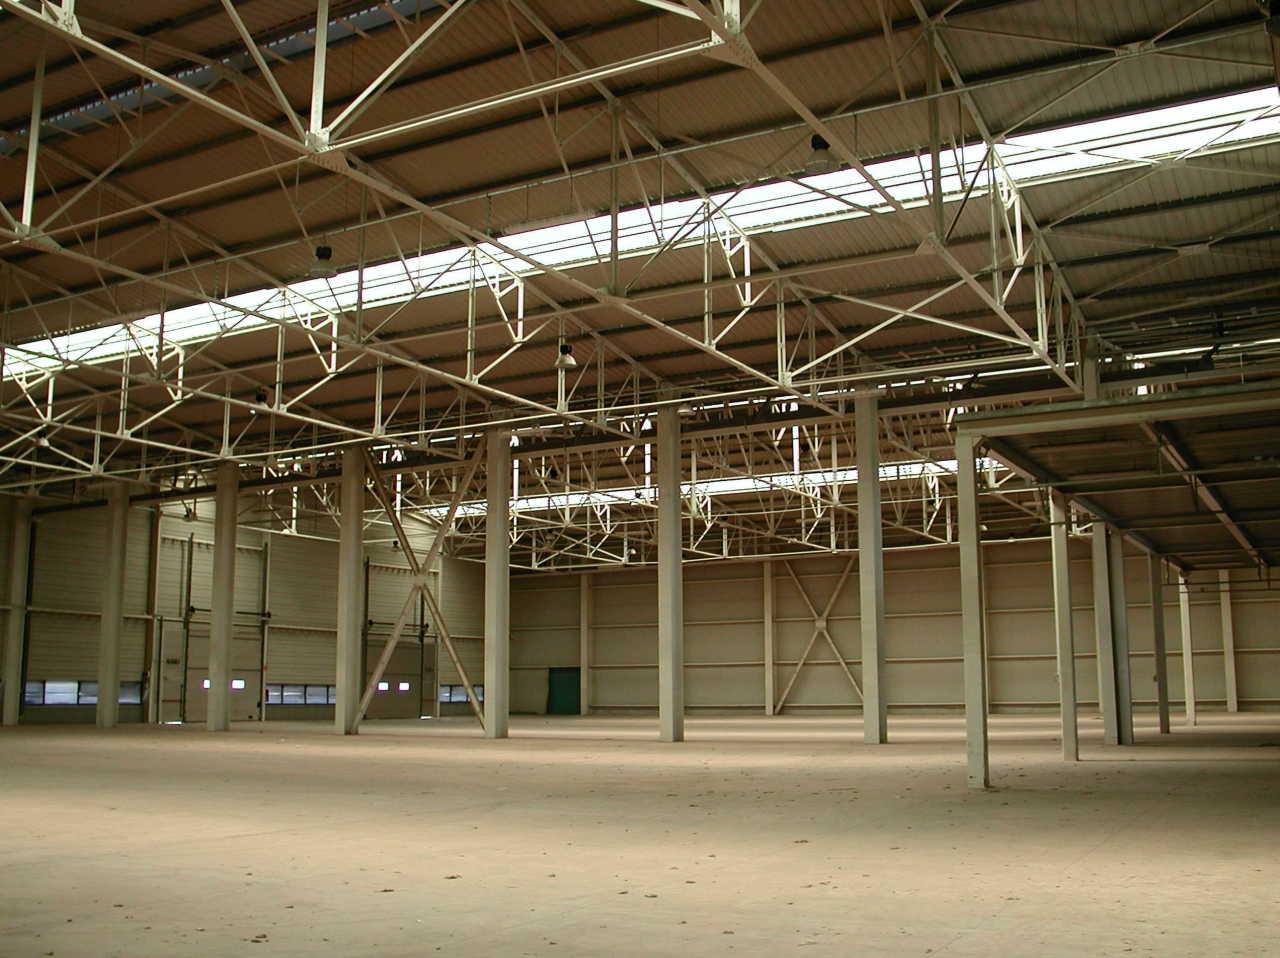 Magazzino in vendita a Livorno, 1 locali, Trattative riservate | CambioCasa.it